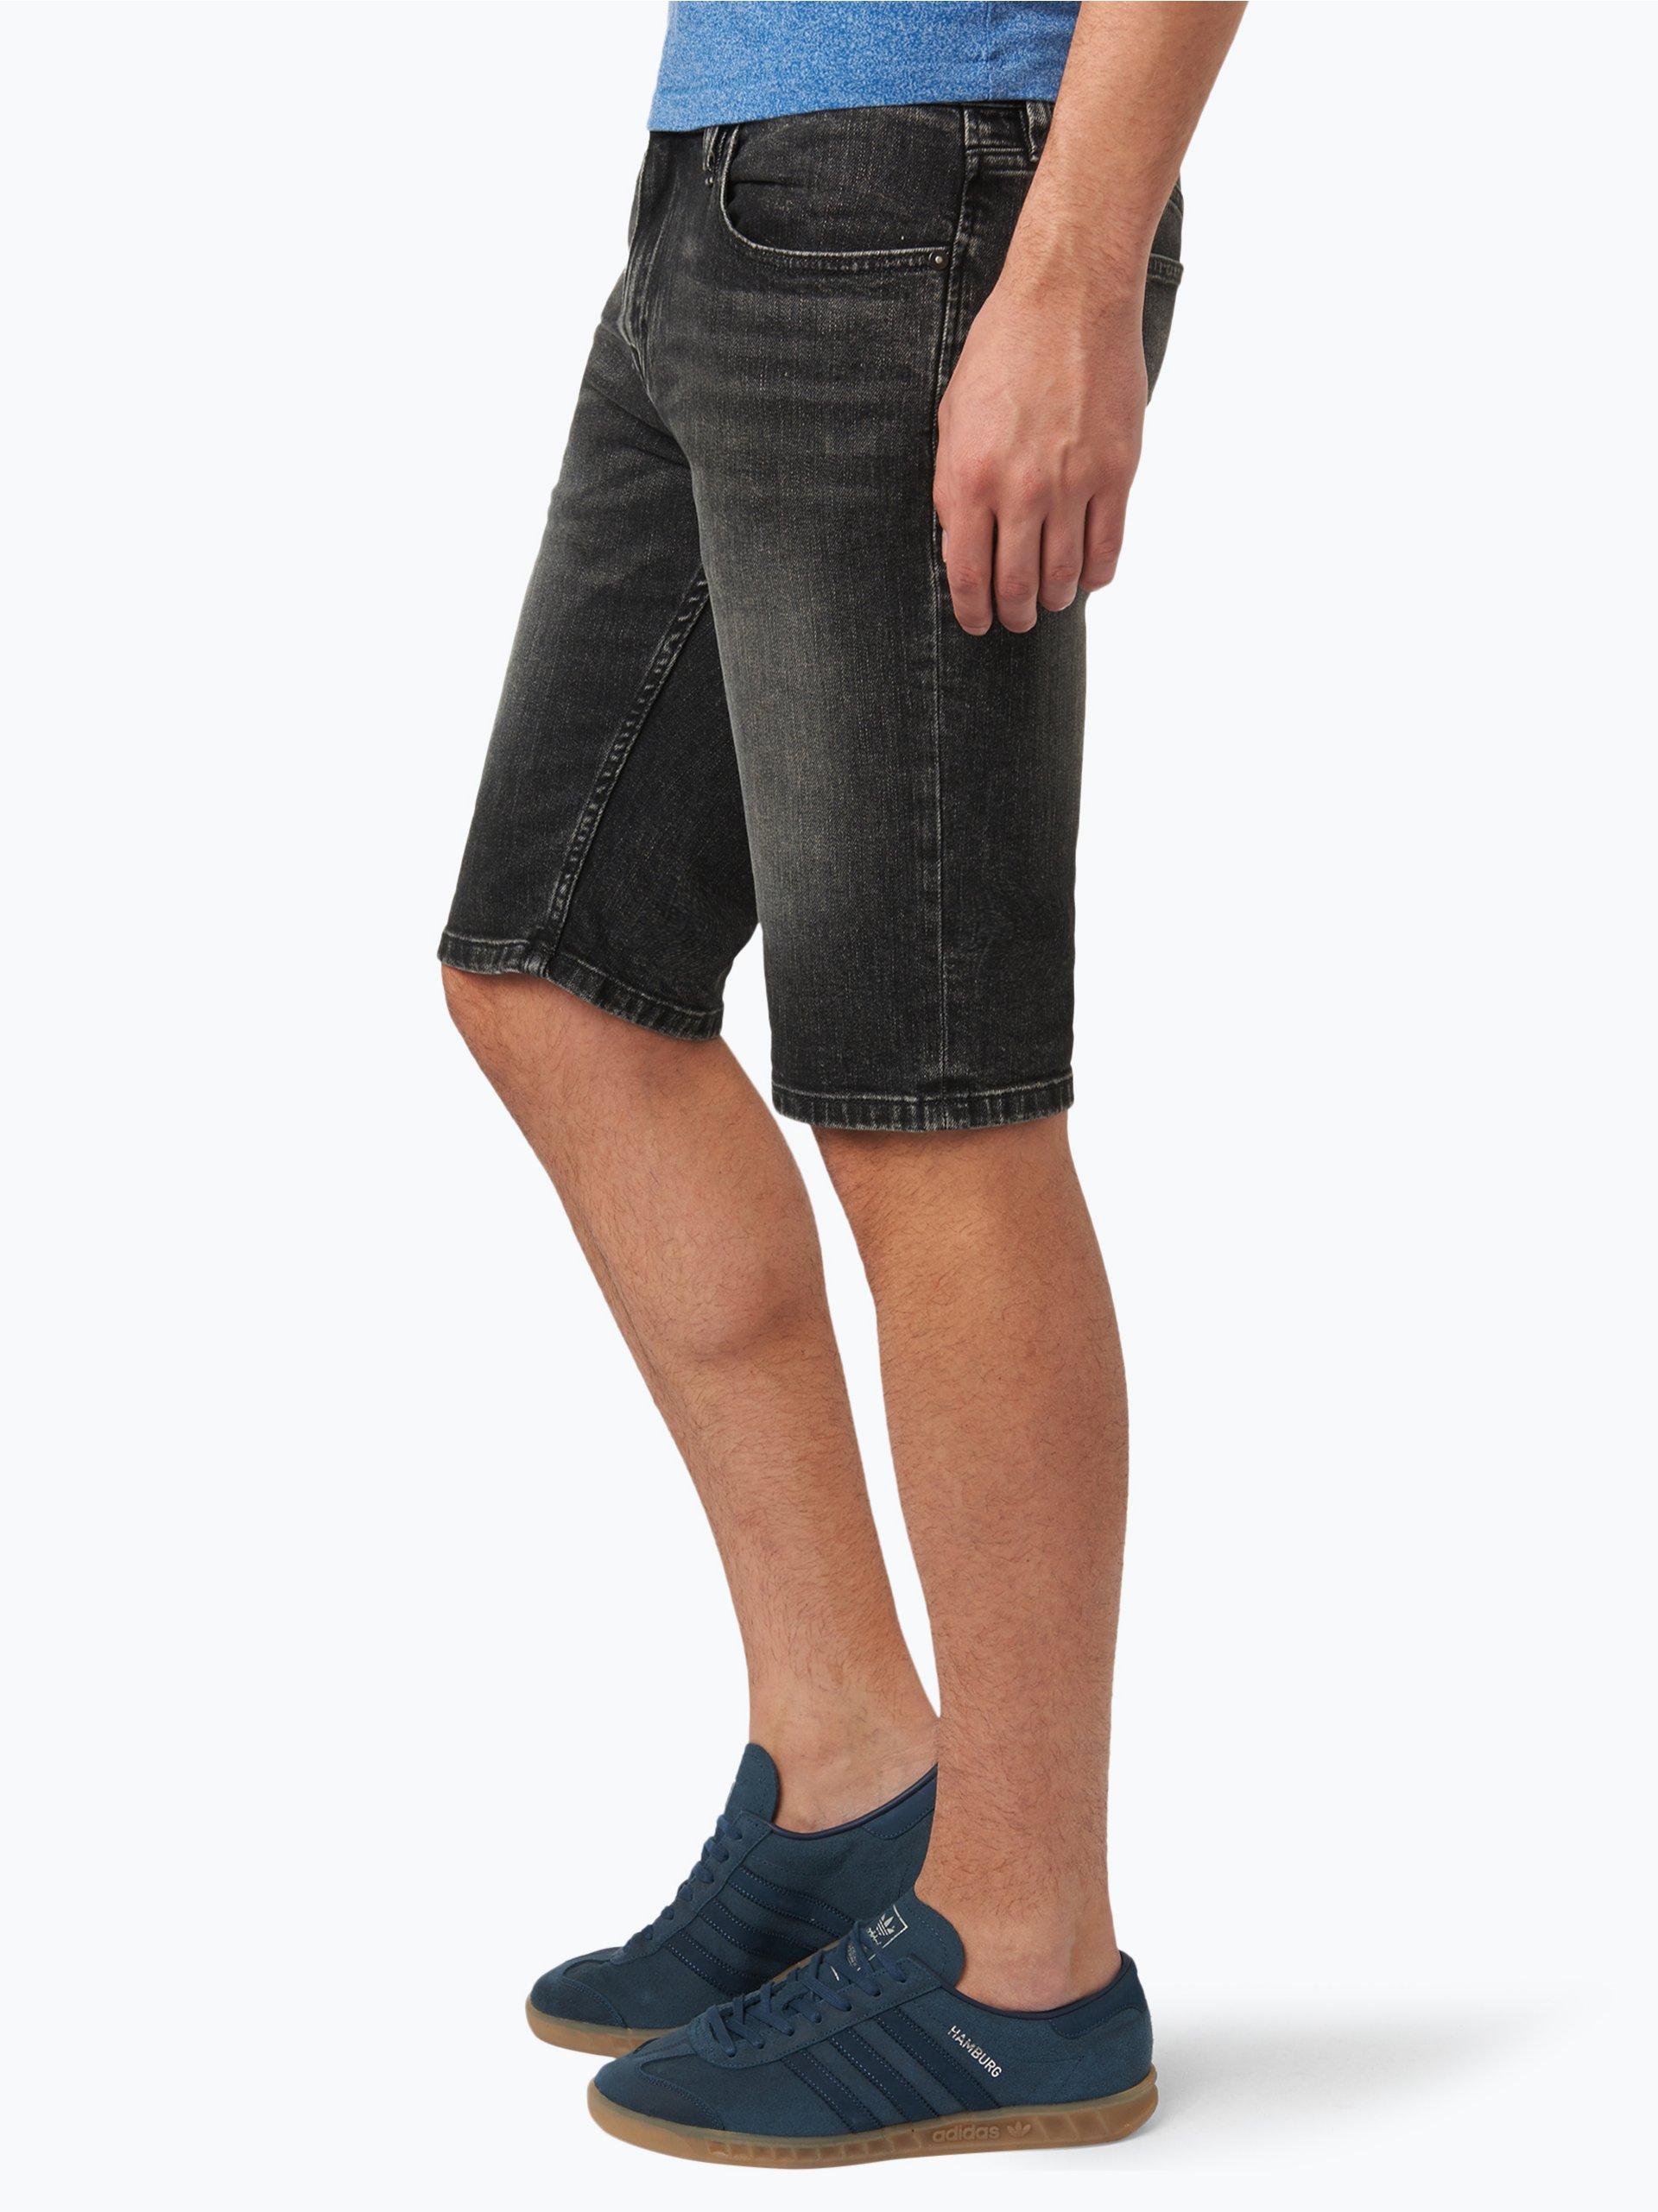 calvin klein jeans herren jeans bermuda schwarz uni online kaufen peek und cloppenburg de. Black Bedroom Furniture Sets. Home Design Ideas